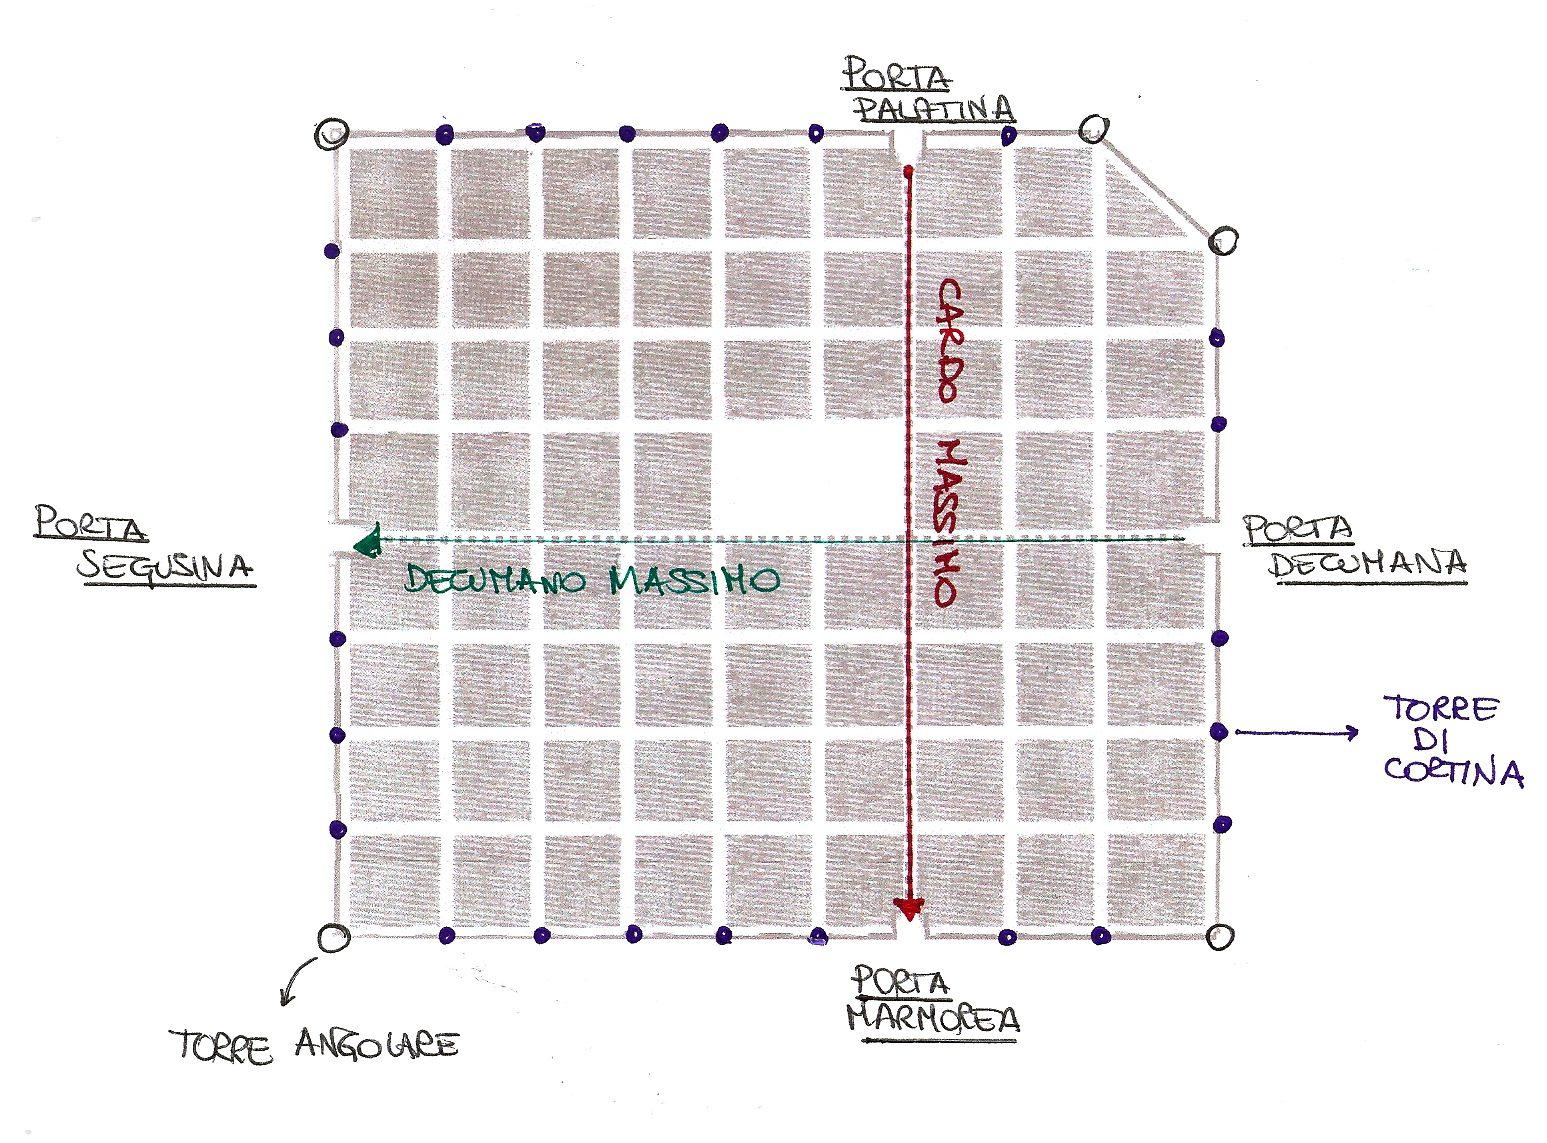 Torino romana: pianta della città con i riferimenti alla cinta muraria